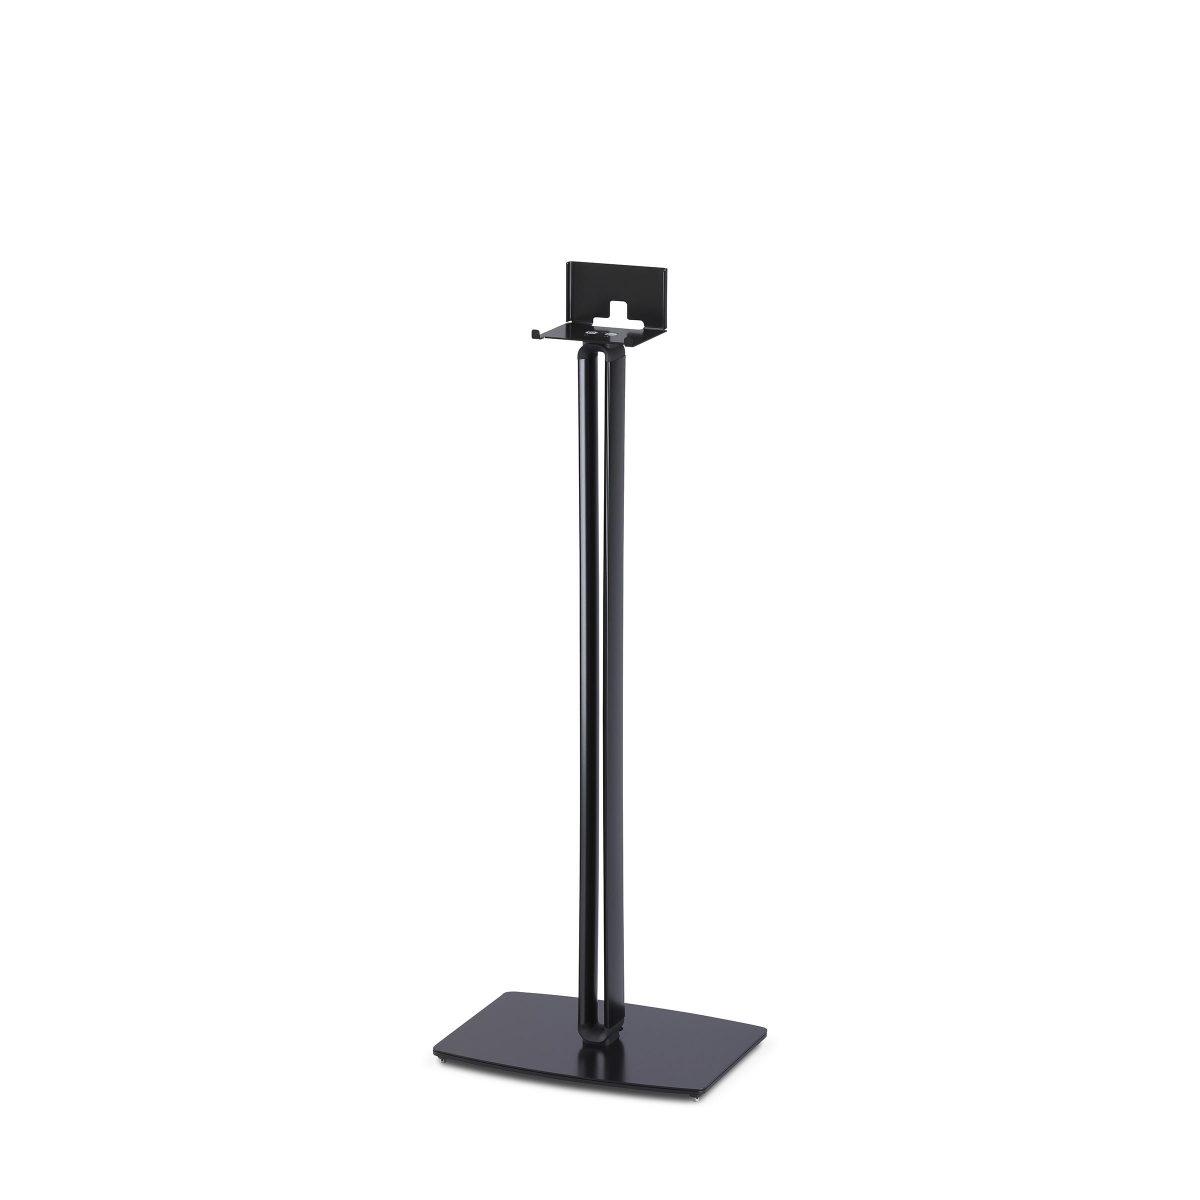 Bose SoundTouch 10 standaard zwart 1